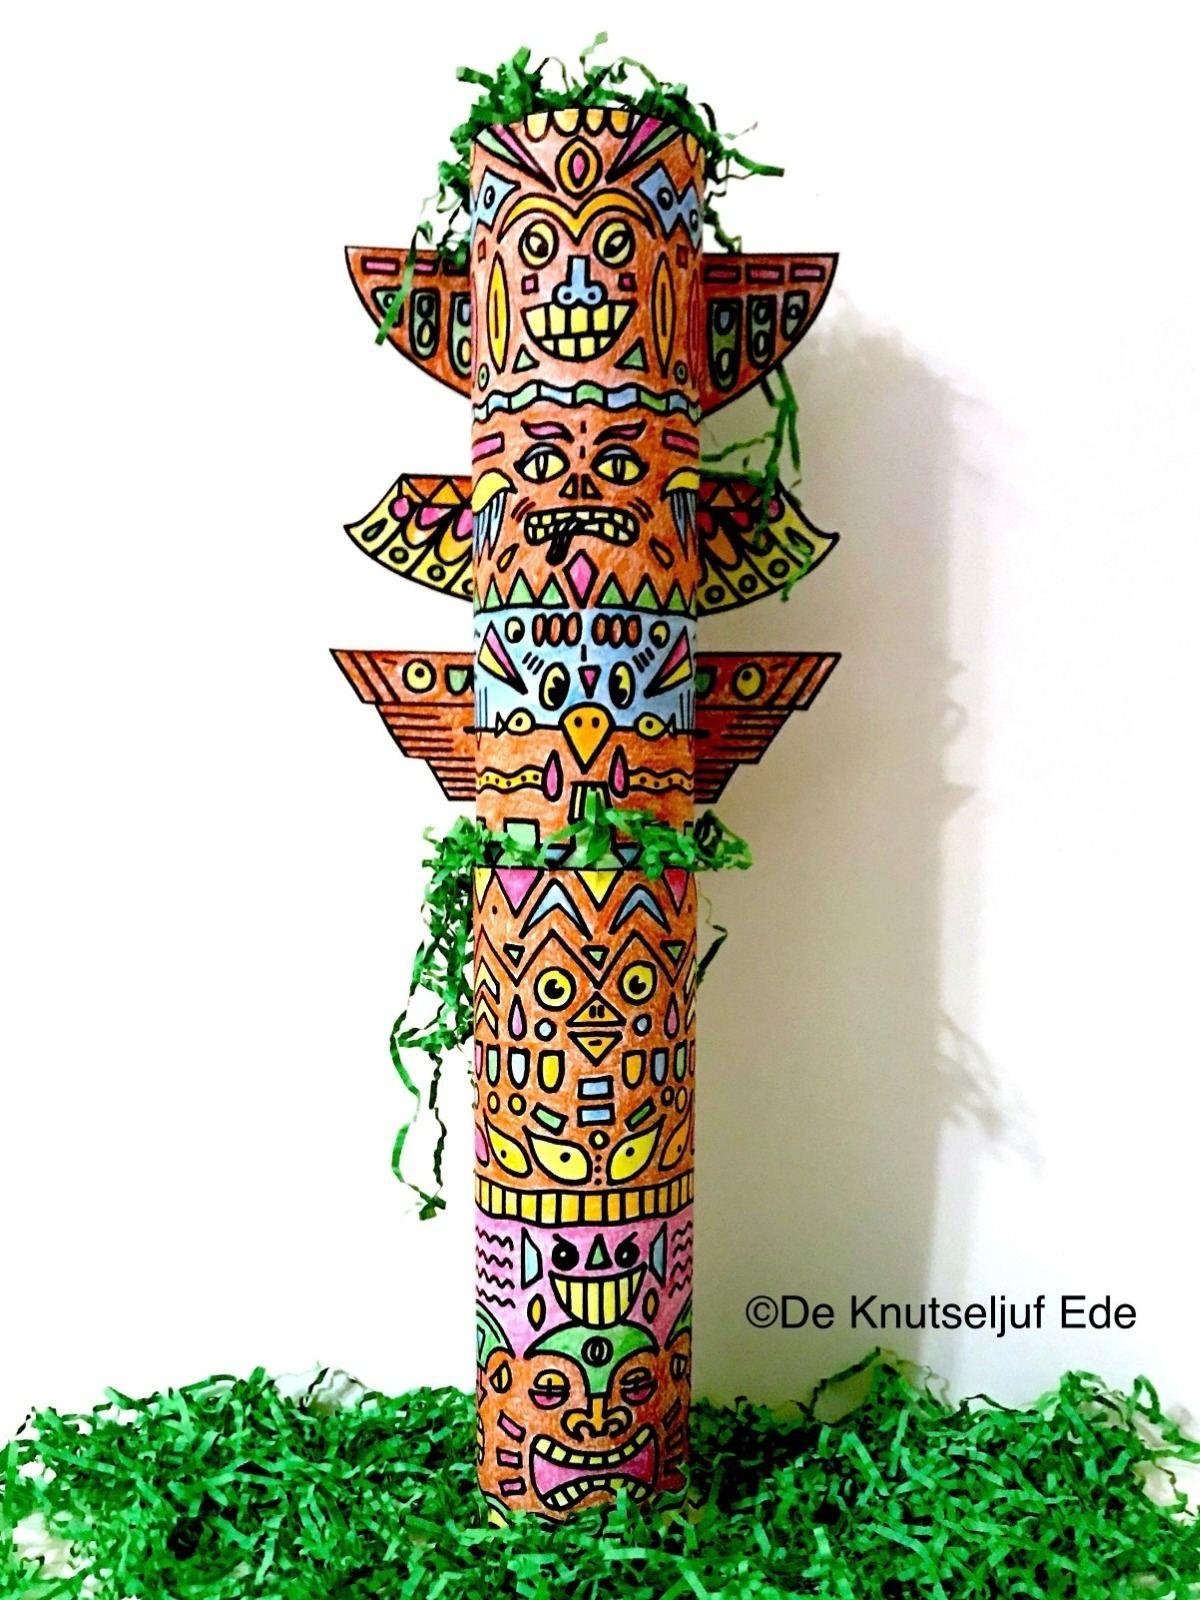 Indianen Totempaal Knutselen Met Printables Indianen Knutselen Creatief Kleurplaten Deknutseljuf De Knuts Totempaal Knutselen Knutselen Bovenbouw